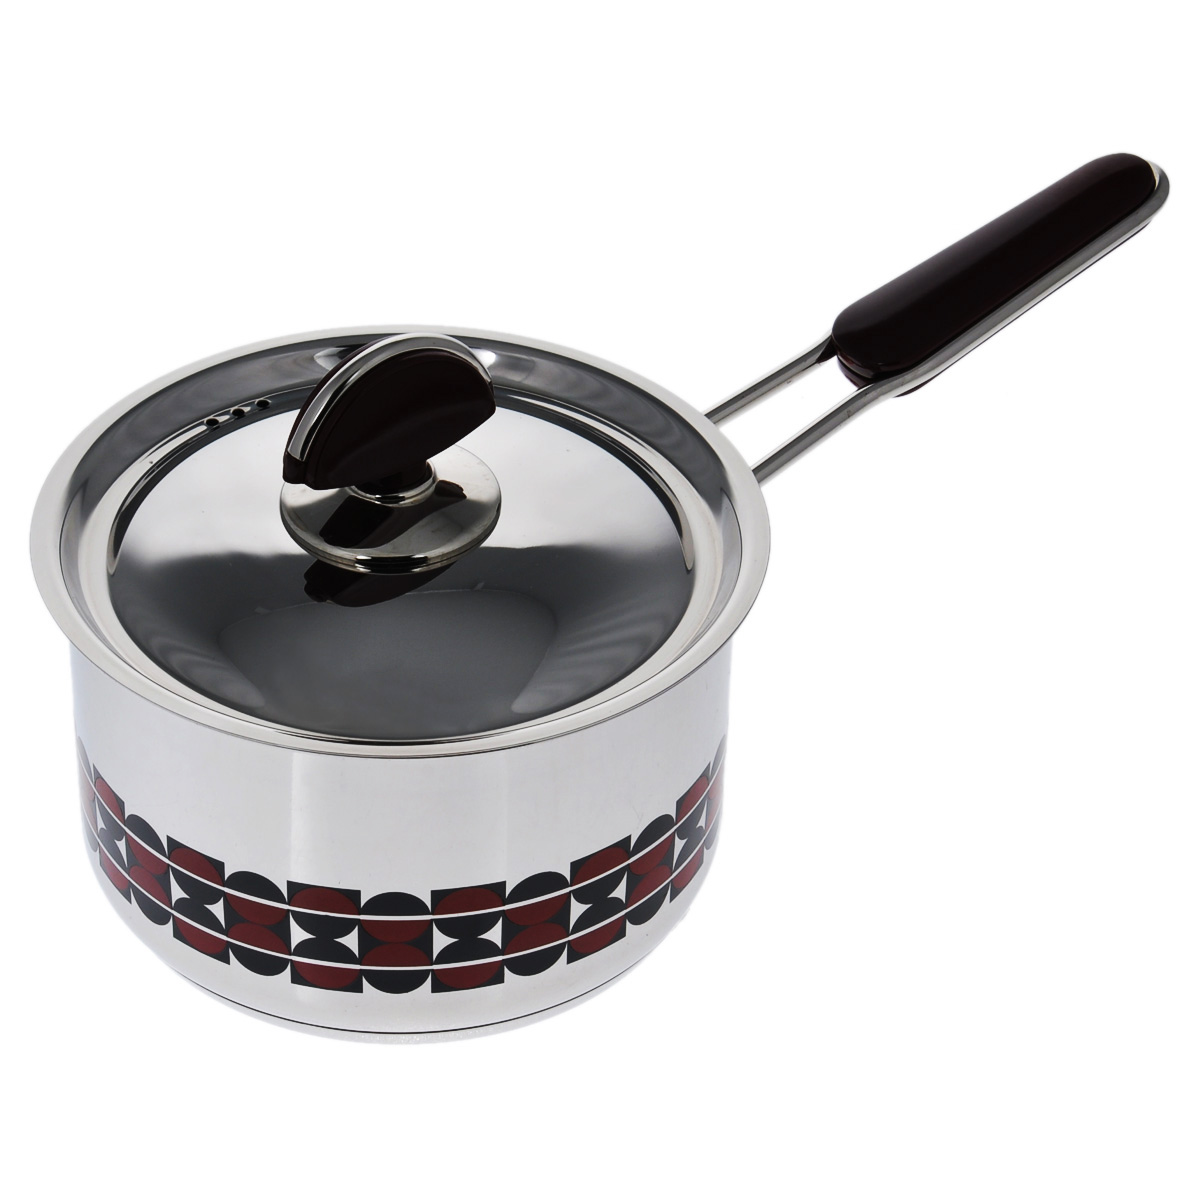 Ковш Kitchen-Art EX Pot с крышкой, 2,1 л40970Ковш Kitchen-Art EX Pot выполнен из высококачественной нержавеющей стали Премиум-ЛЮКС с зеркальной полировкой. Внешние стенки оформлены красивым геометричным рисунком в стиле Luxury. Дно изделия с трехслойным напылением, легкое, но очень прочное. Модный европейский дизайн, обтекаемые линии и формы. Для удобного использования ручка из нержавеющей стали оснащена бакелитовой вставкой бордового цвета. Крышка выполнена из нержавеющей стали со специальными отверстиями для выпуска пара. Подходит для всех типов плит, включая индукционные. Можно мыть в посудомоечной машине.Высота стенки: 10 см. Длина ручки: 15 см. Толщина стенки: 2 мм. Толщина дна: 4 мм.Диаметр дна: 14 см.